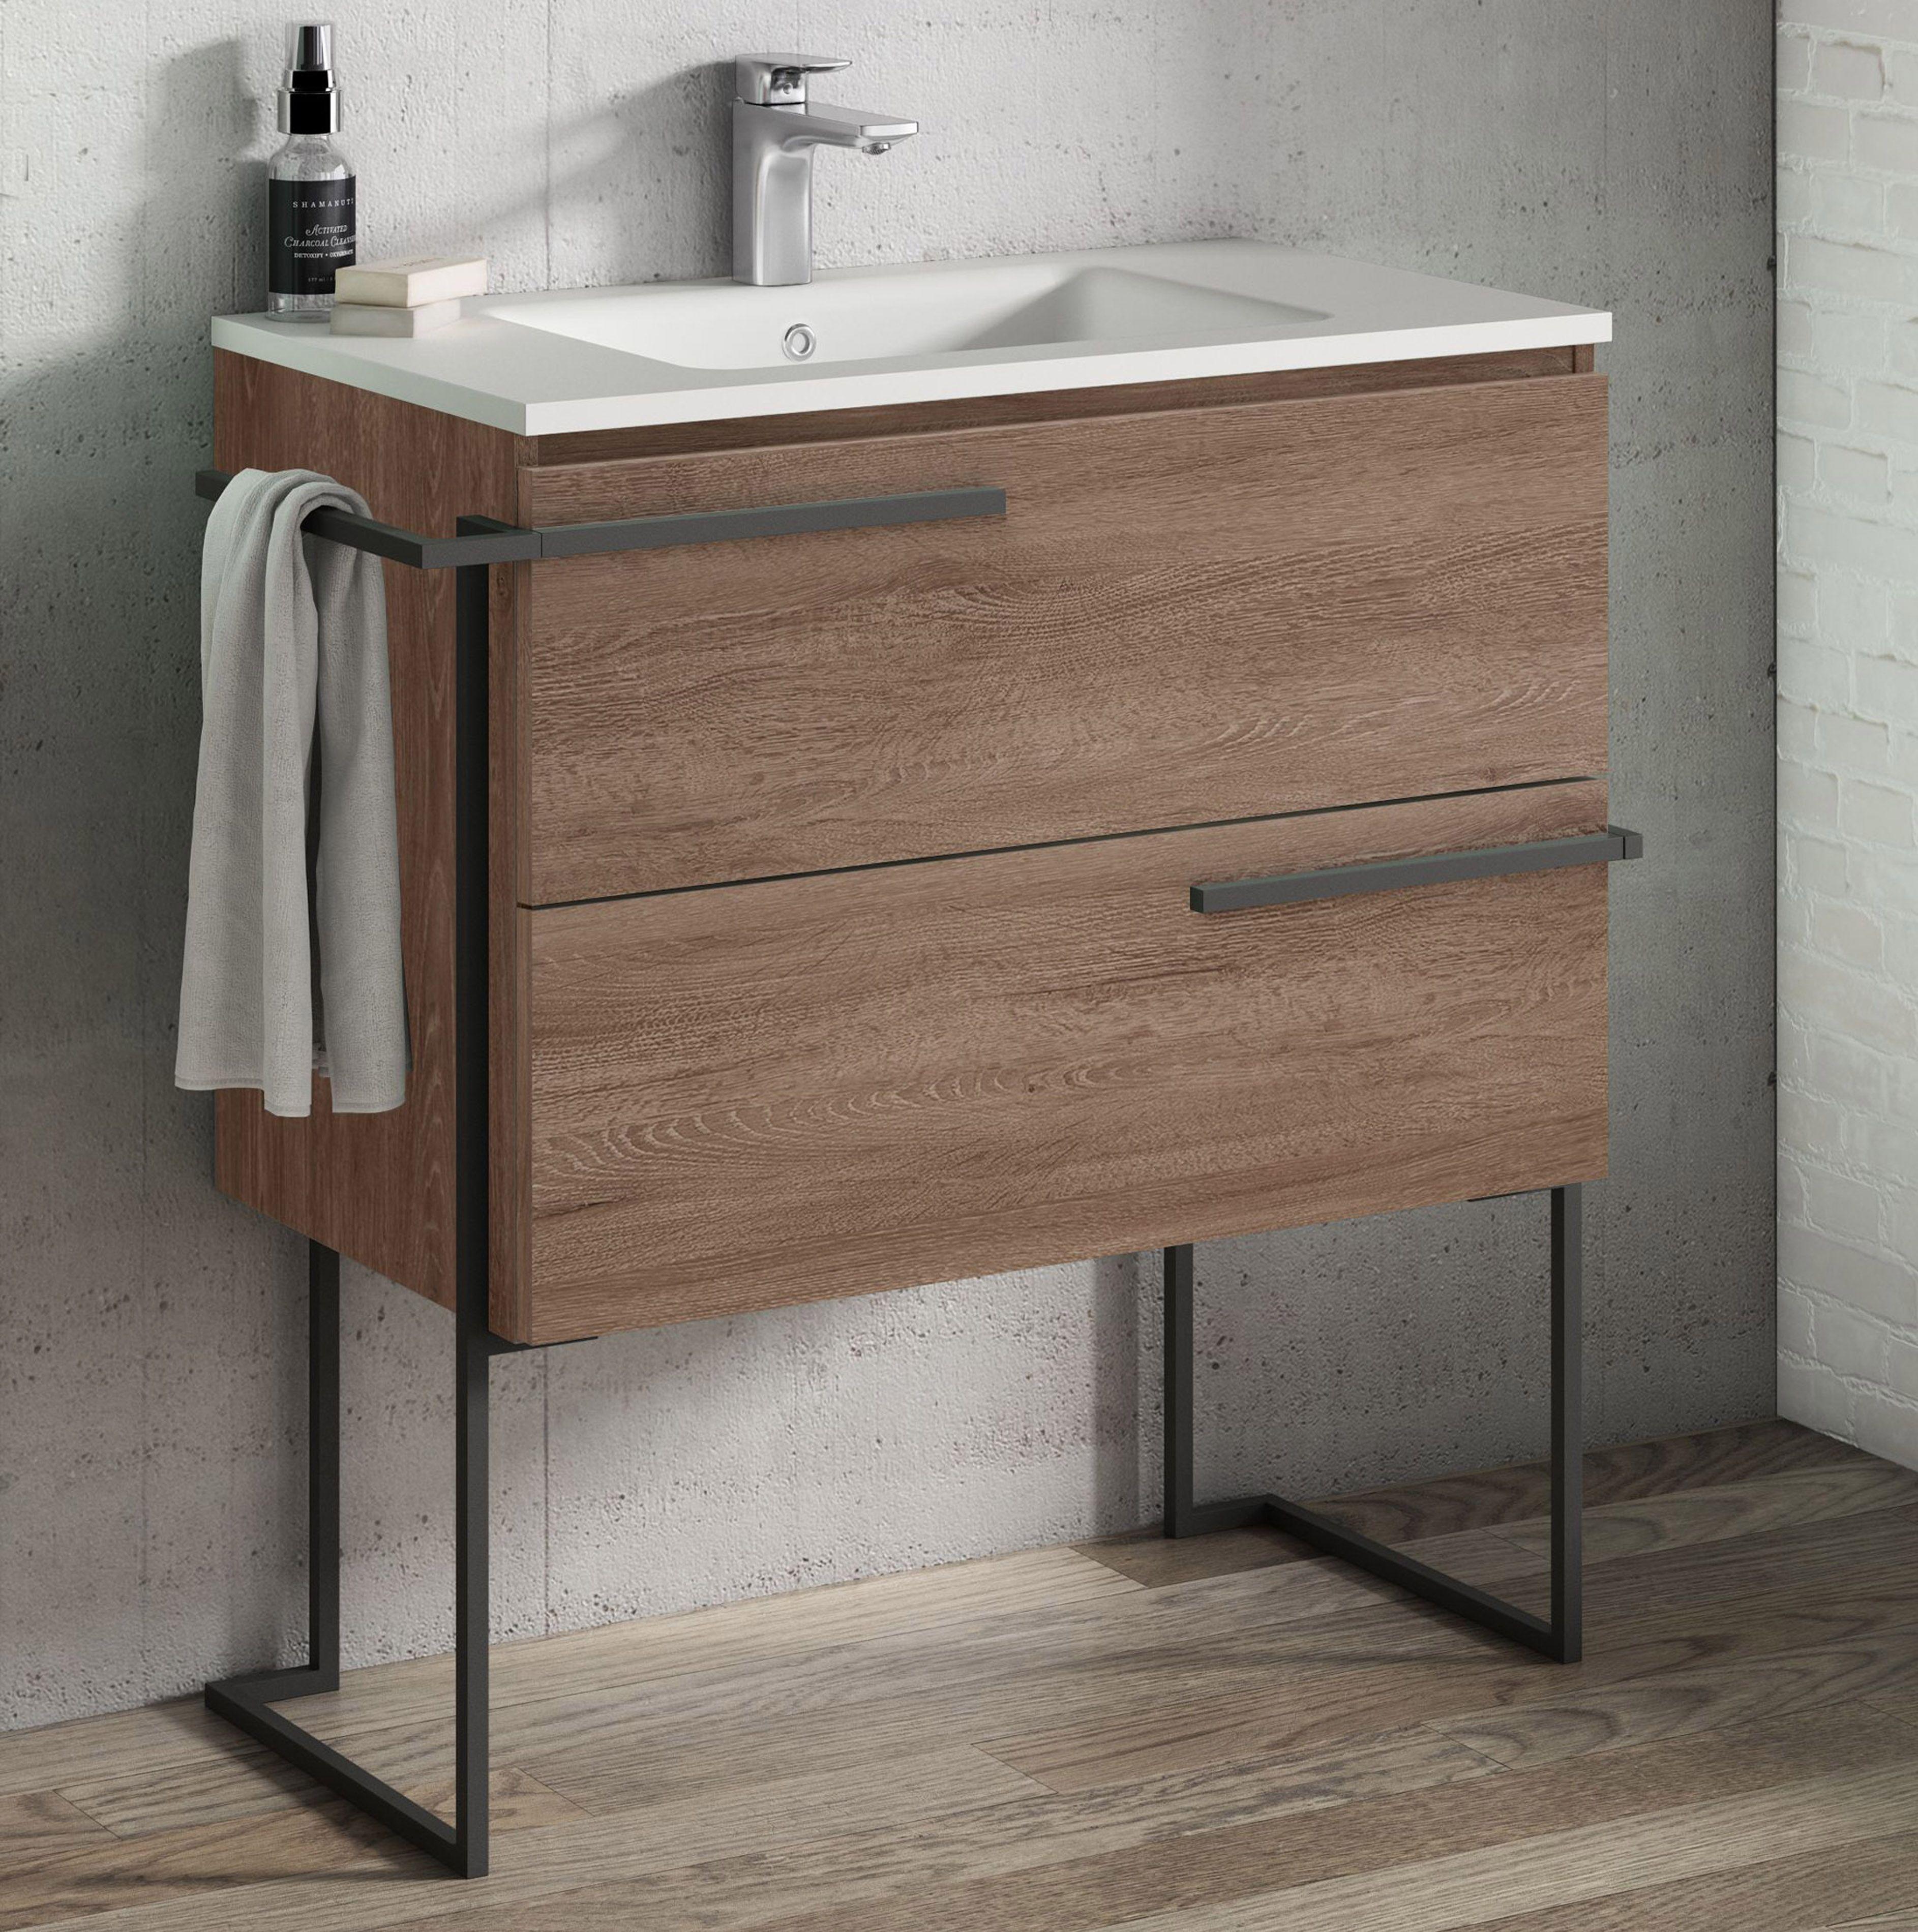 32 In 2021 Contemporary Bathroom Vanity Single Sink Vanity Vanity Sink